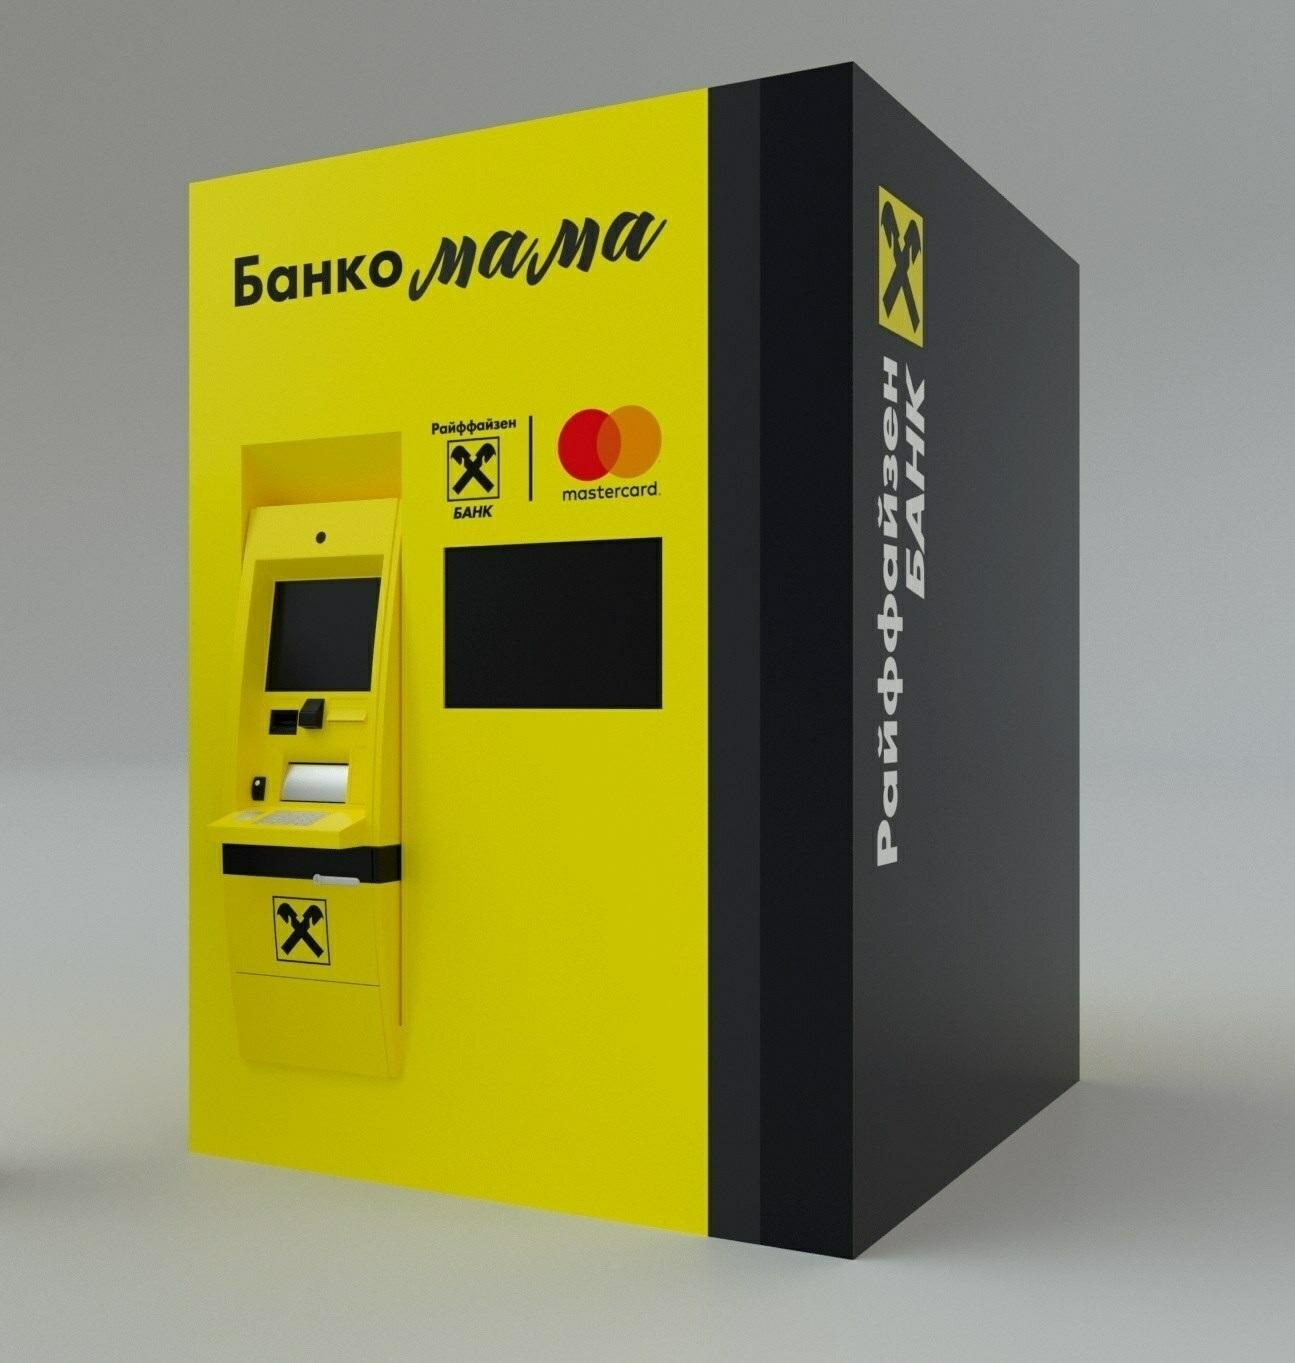 «Райффайзенбанк» показал «банкомать» — банкомат для выдачи шапок в честь Дня матери